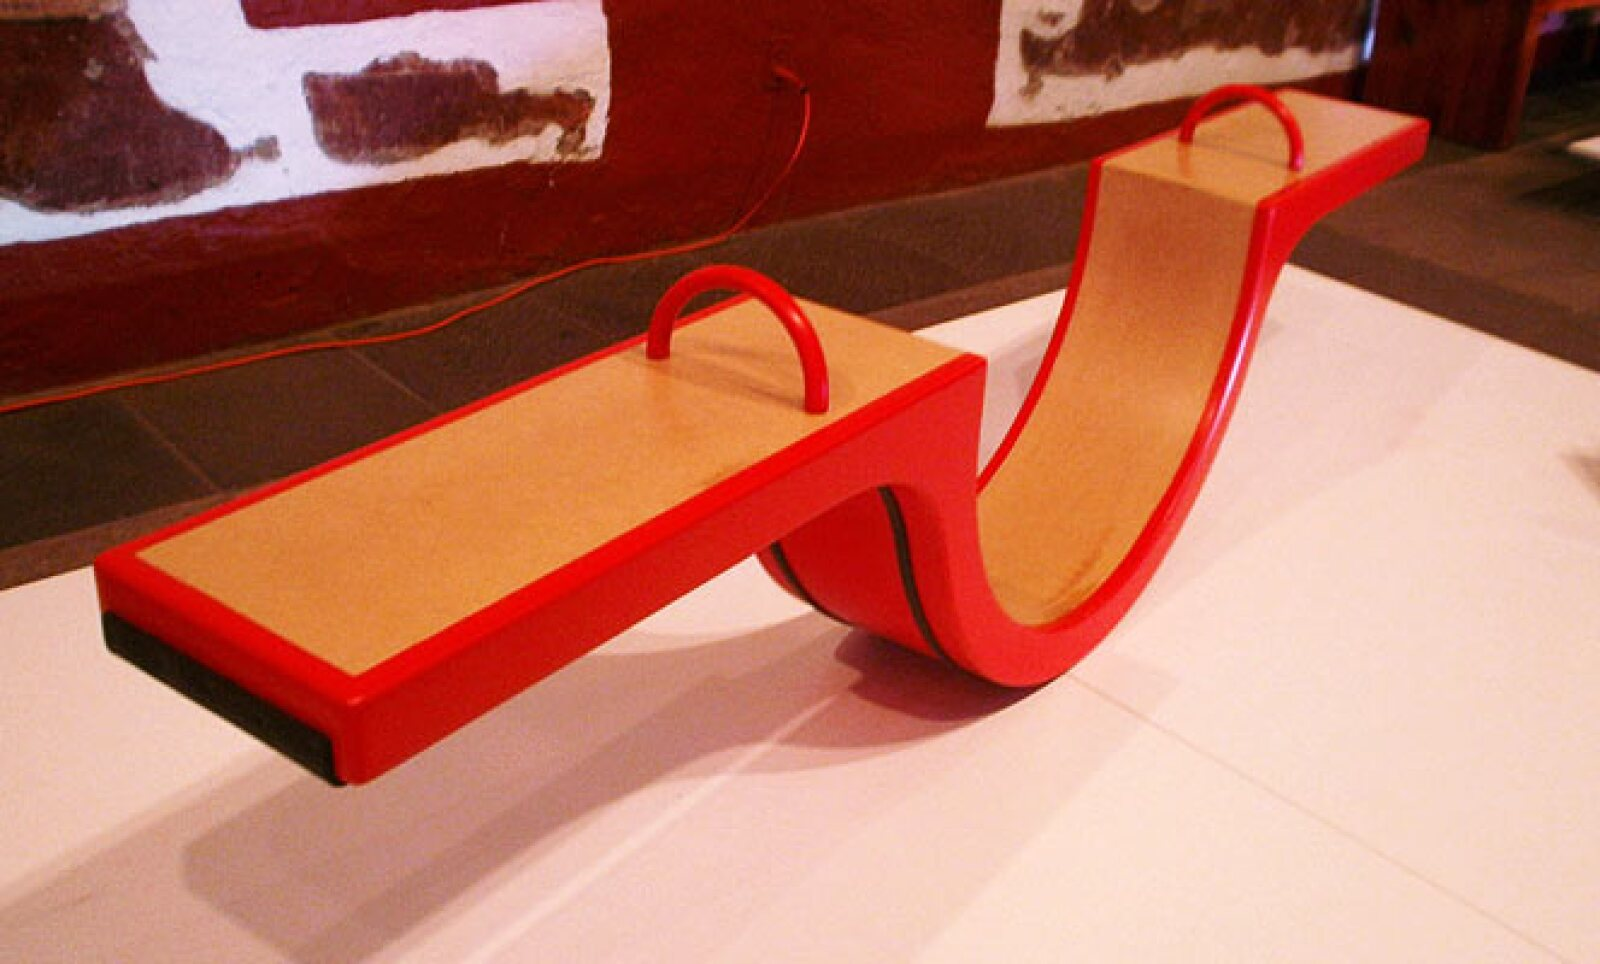 1.Bimbalete es un sube y baja hecho con MDF en un formato portátil ideal para jugar en interiores y exteriores. Diseño: Déborah Ireri Orozco Sánchez.